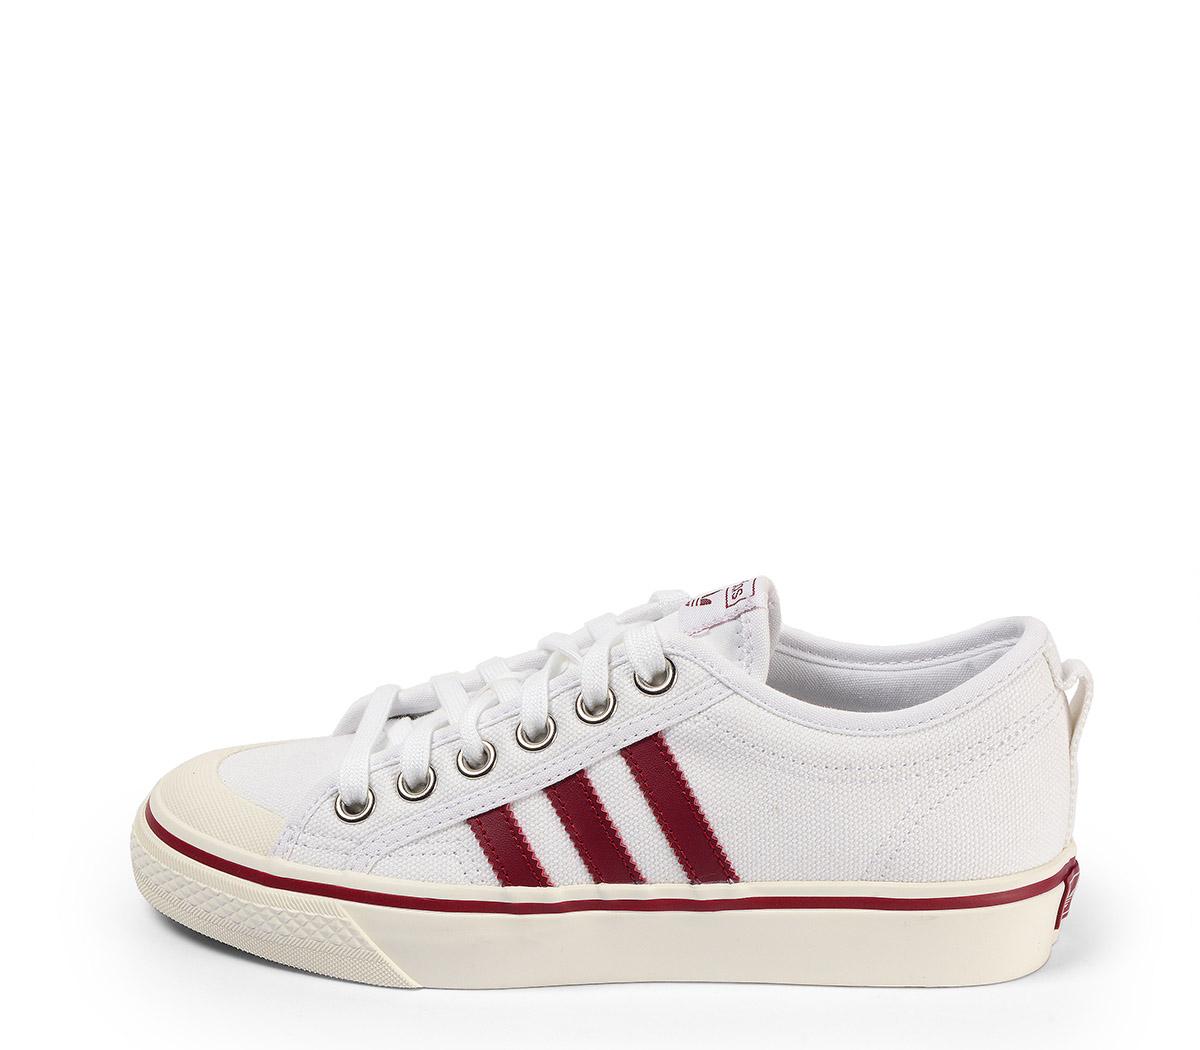 Ref. 3880 Adidas Nizza en tela blanca con detalles en burdeos. Cordones al tono.